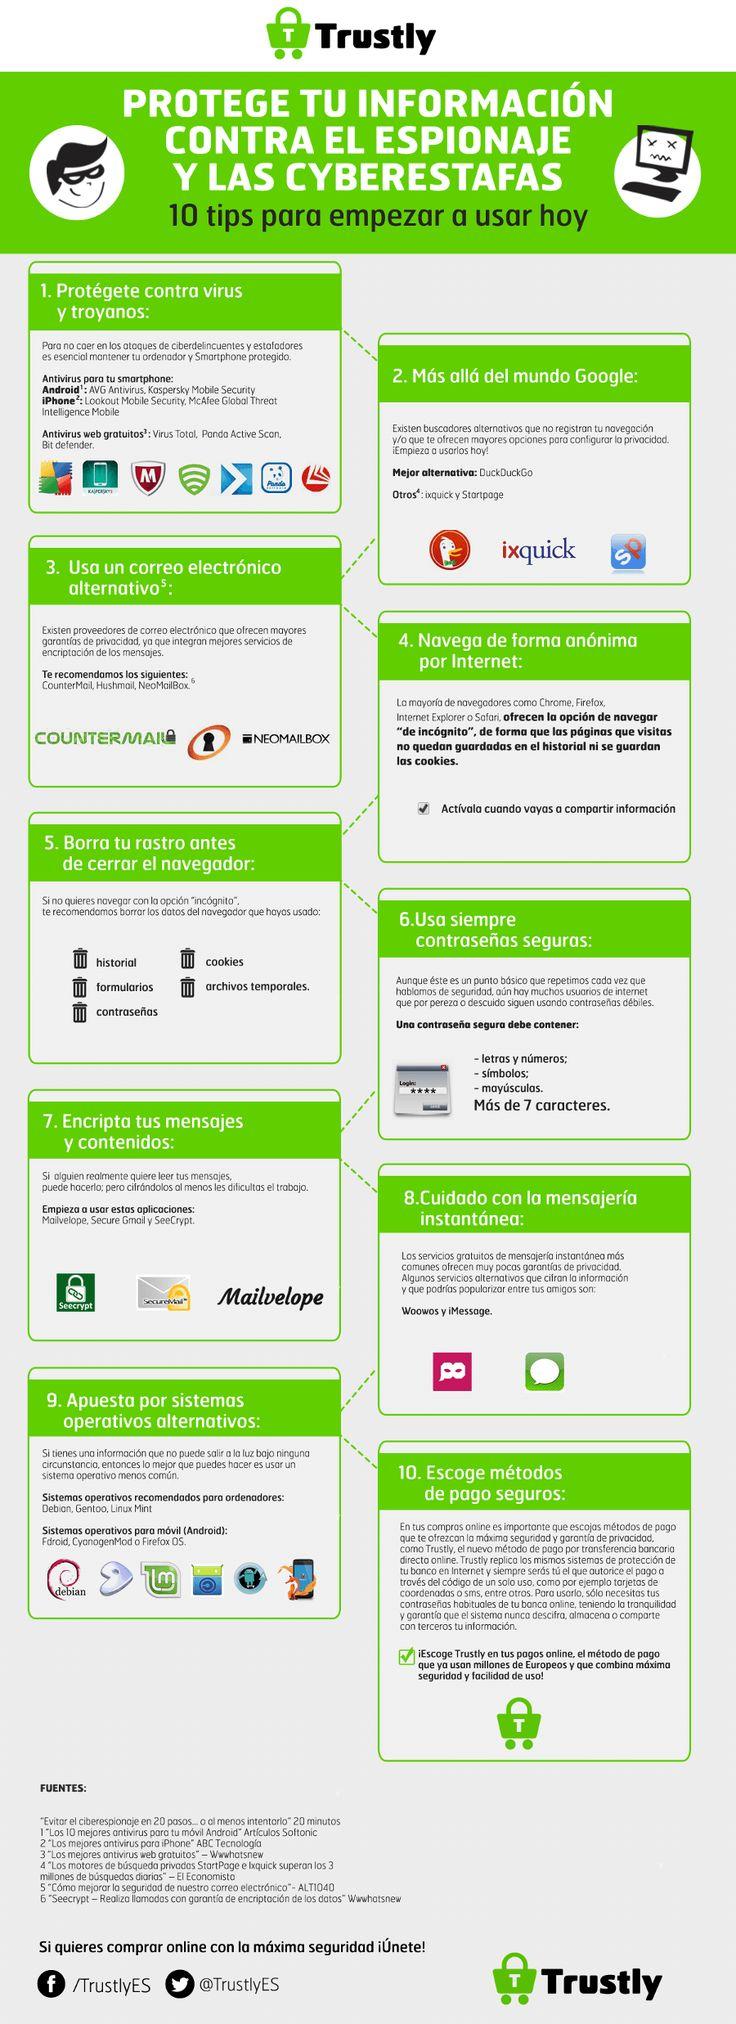 Consejos para mejorar la seguridad de nuestra información en la web Por Juan Diego Polo